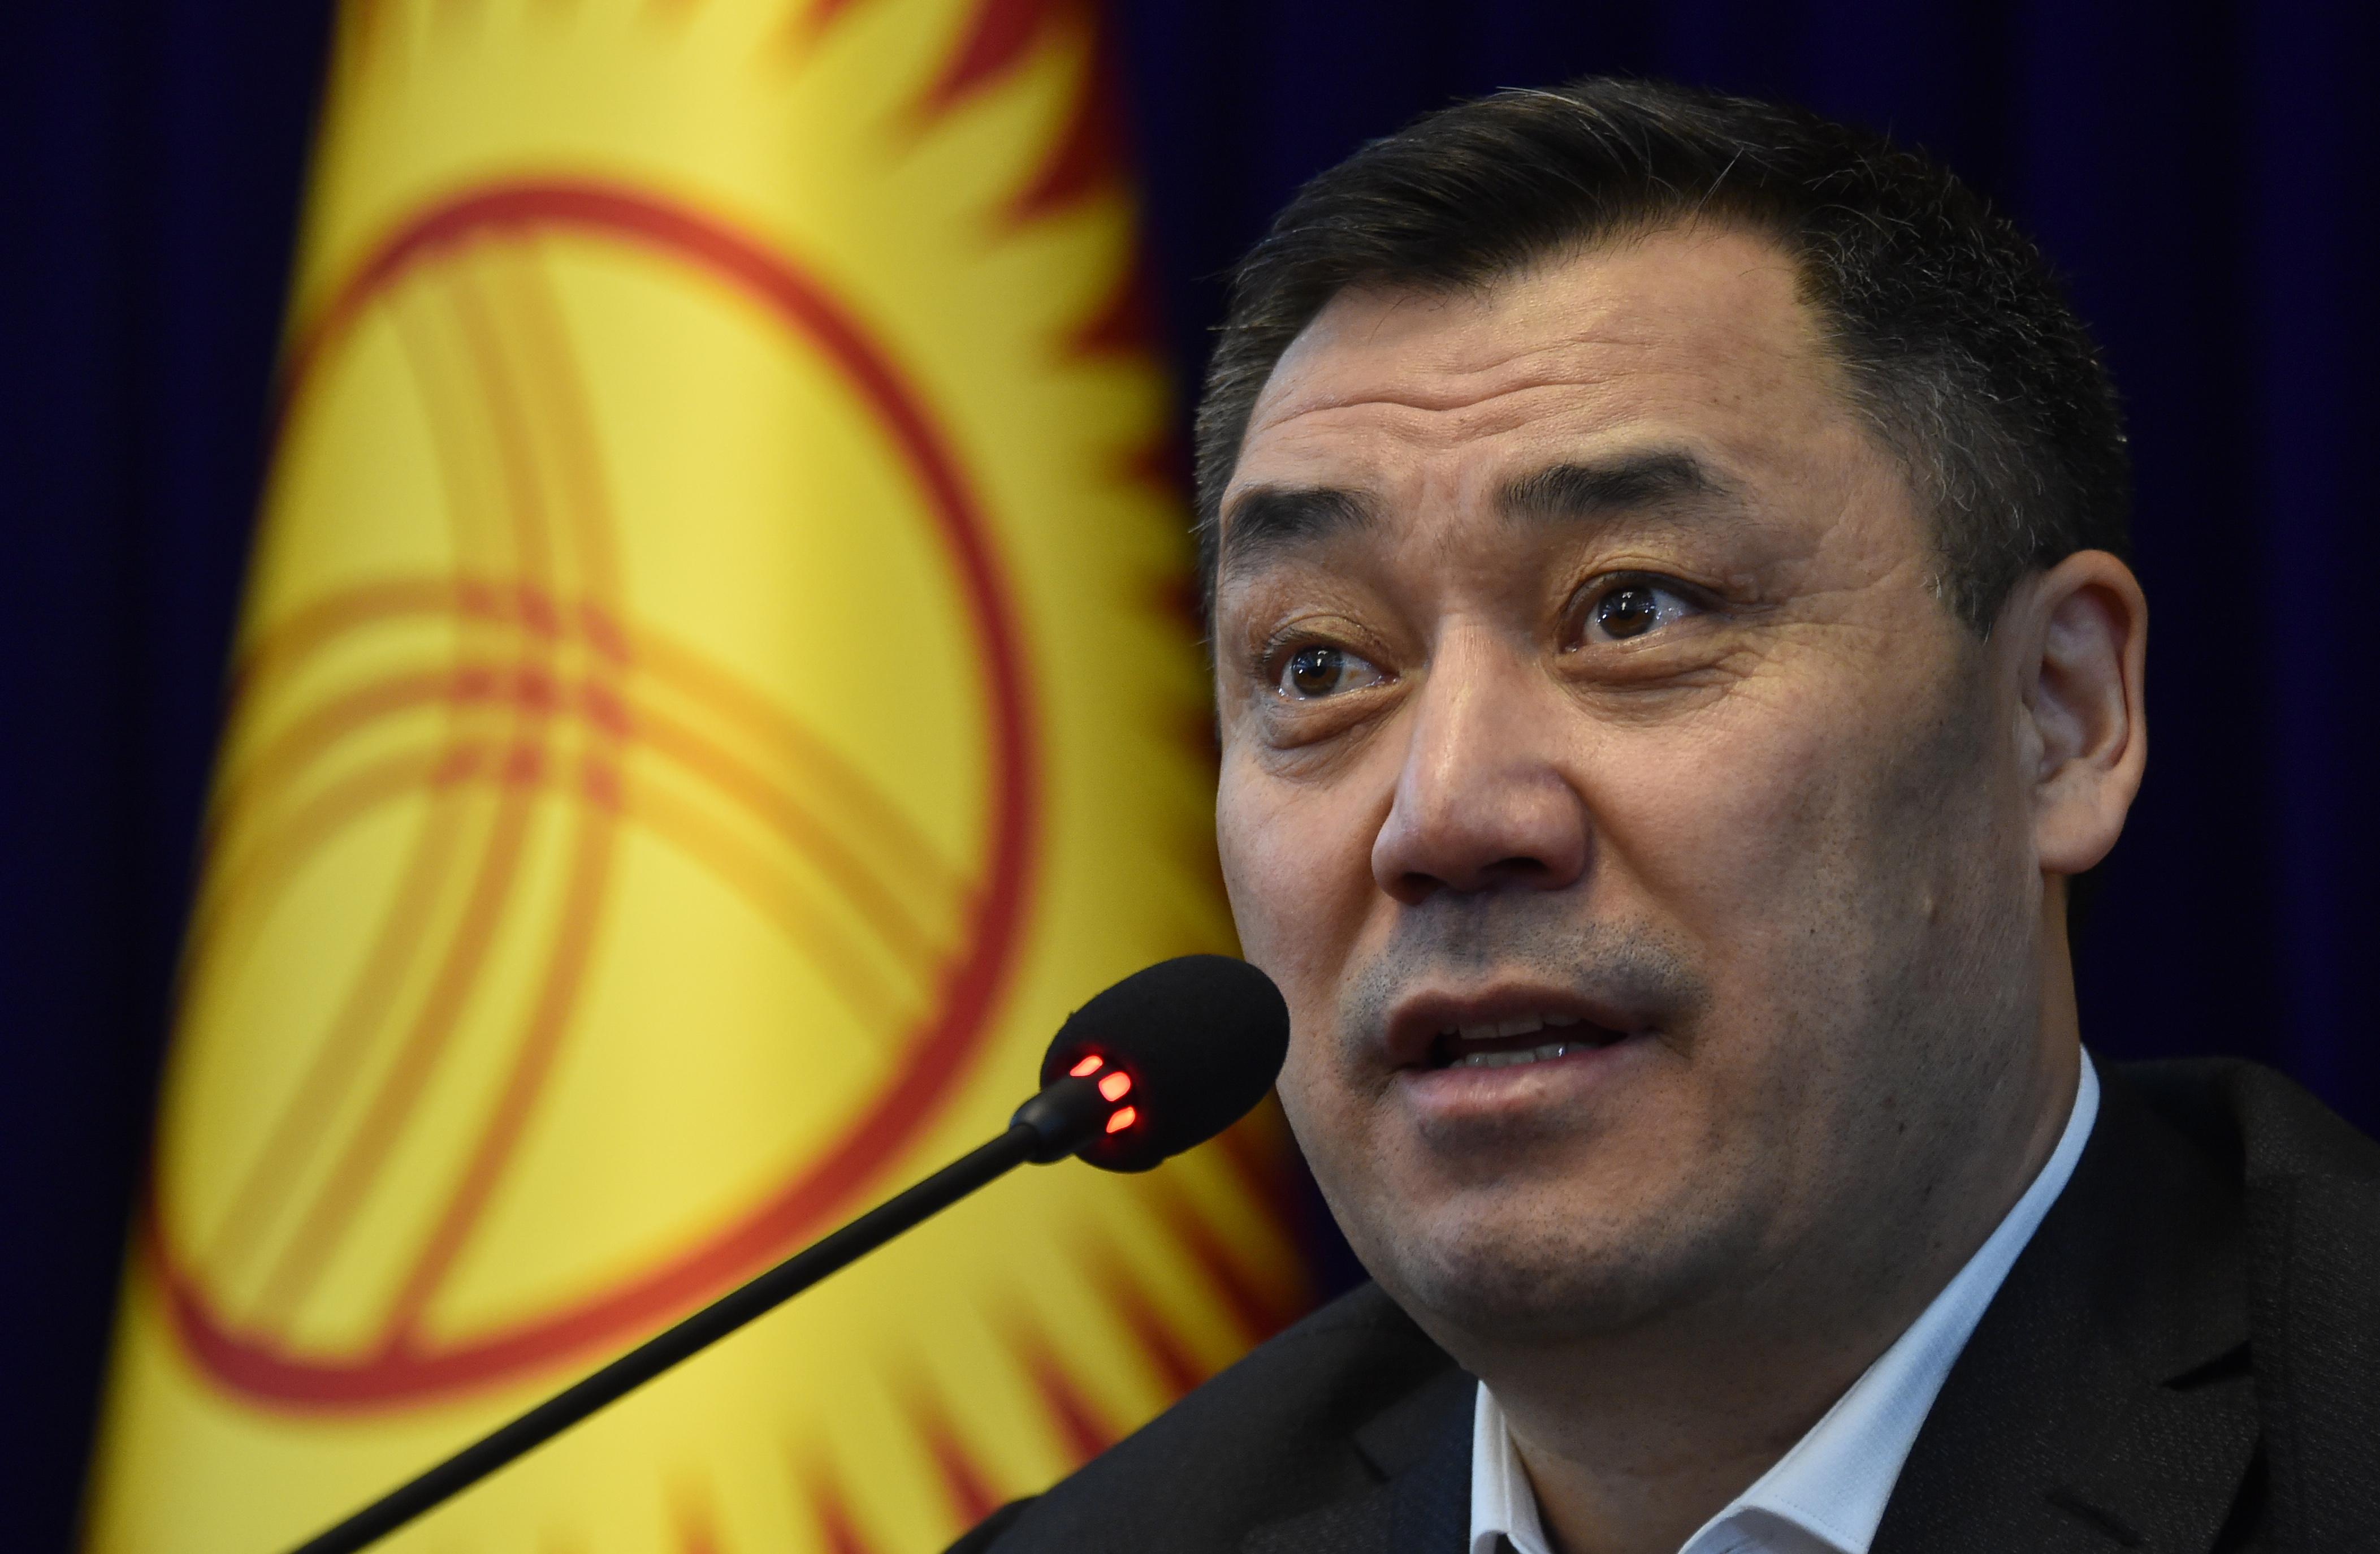 Egy bűnöző juthatott hatalomra Kirgizisztánban